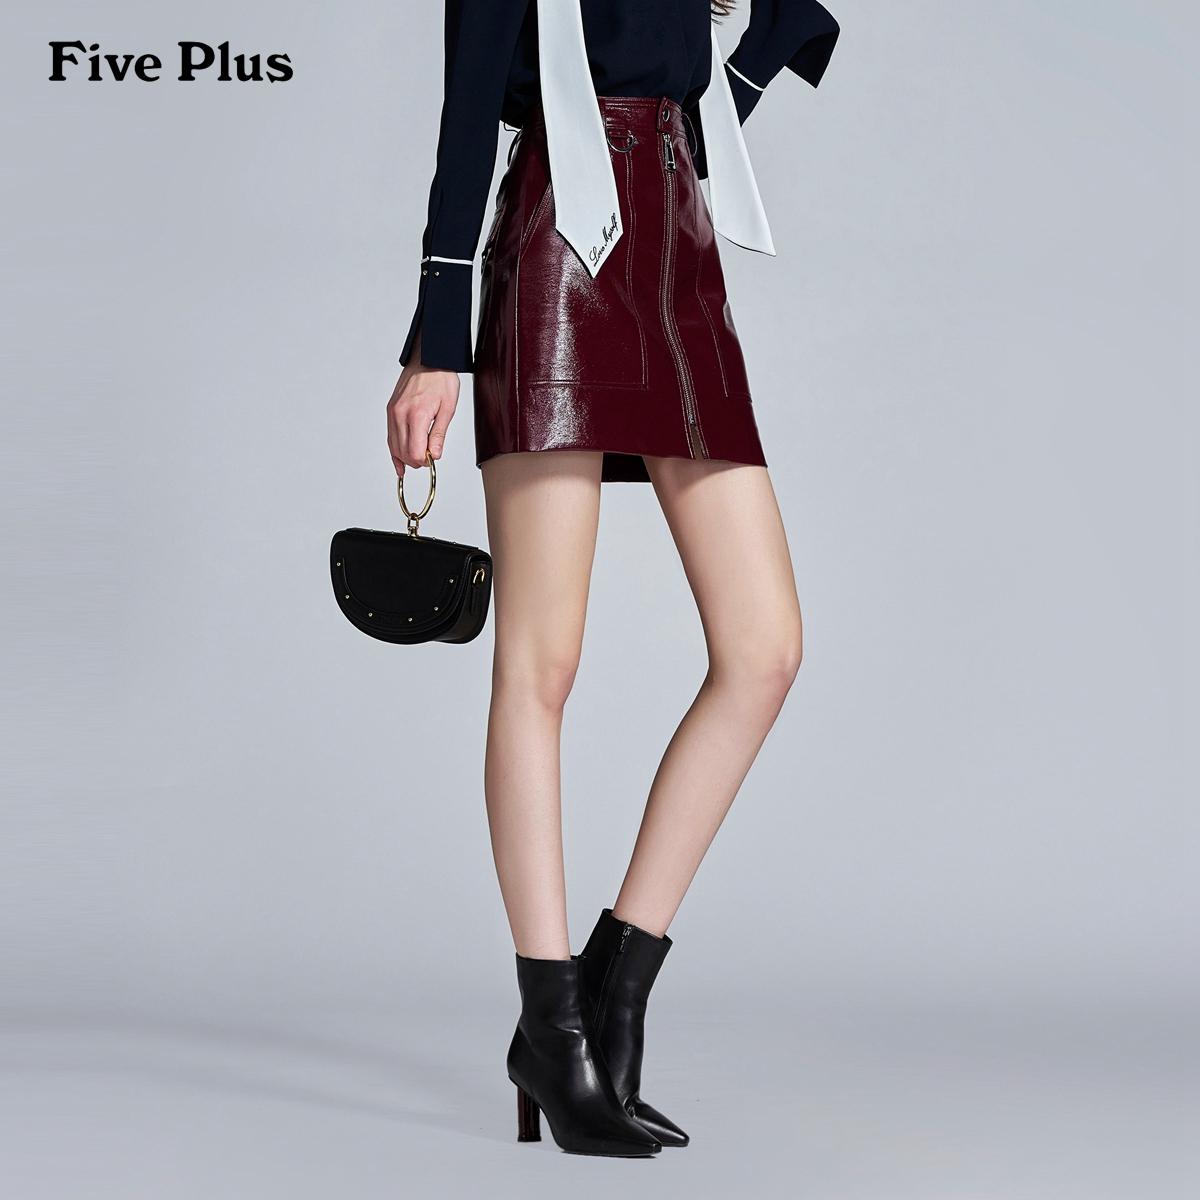 Five Plus高腰短裙,在淘宝天猫月销售28单,仅售349元,还有优惠卷。